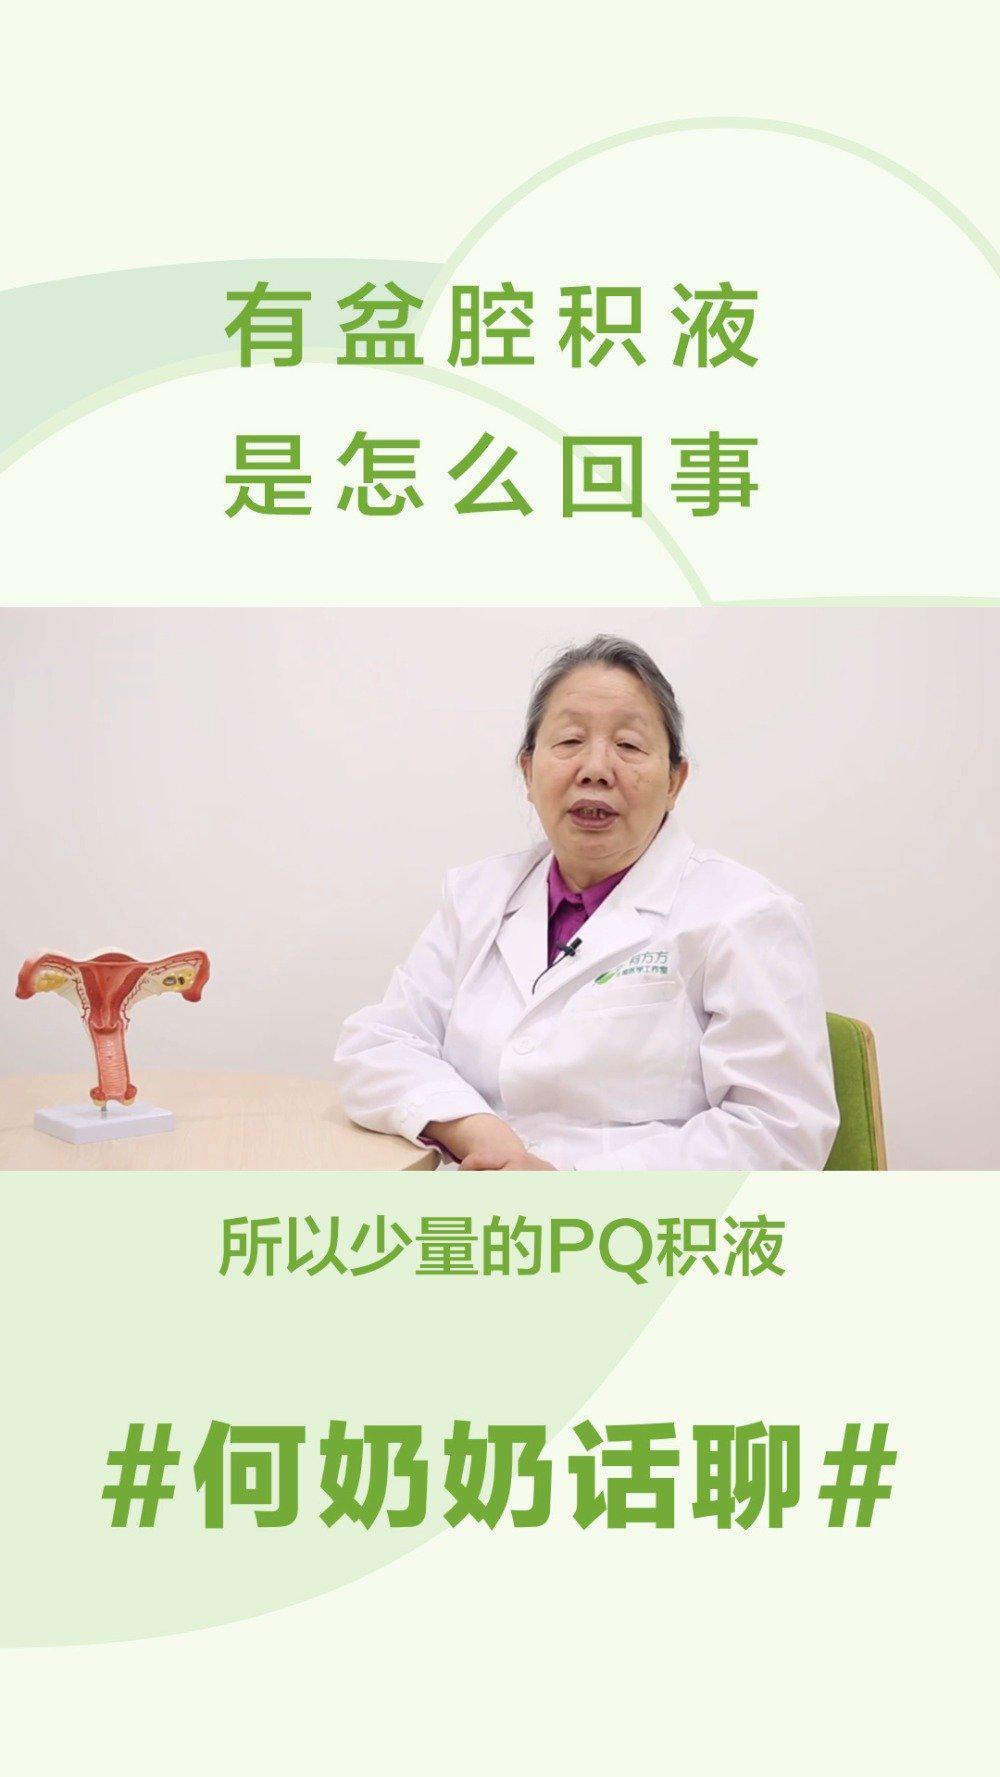 盆腔里有积液,这种情况其实是正常现象,并不是盆腔炎的表现